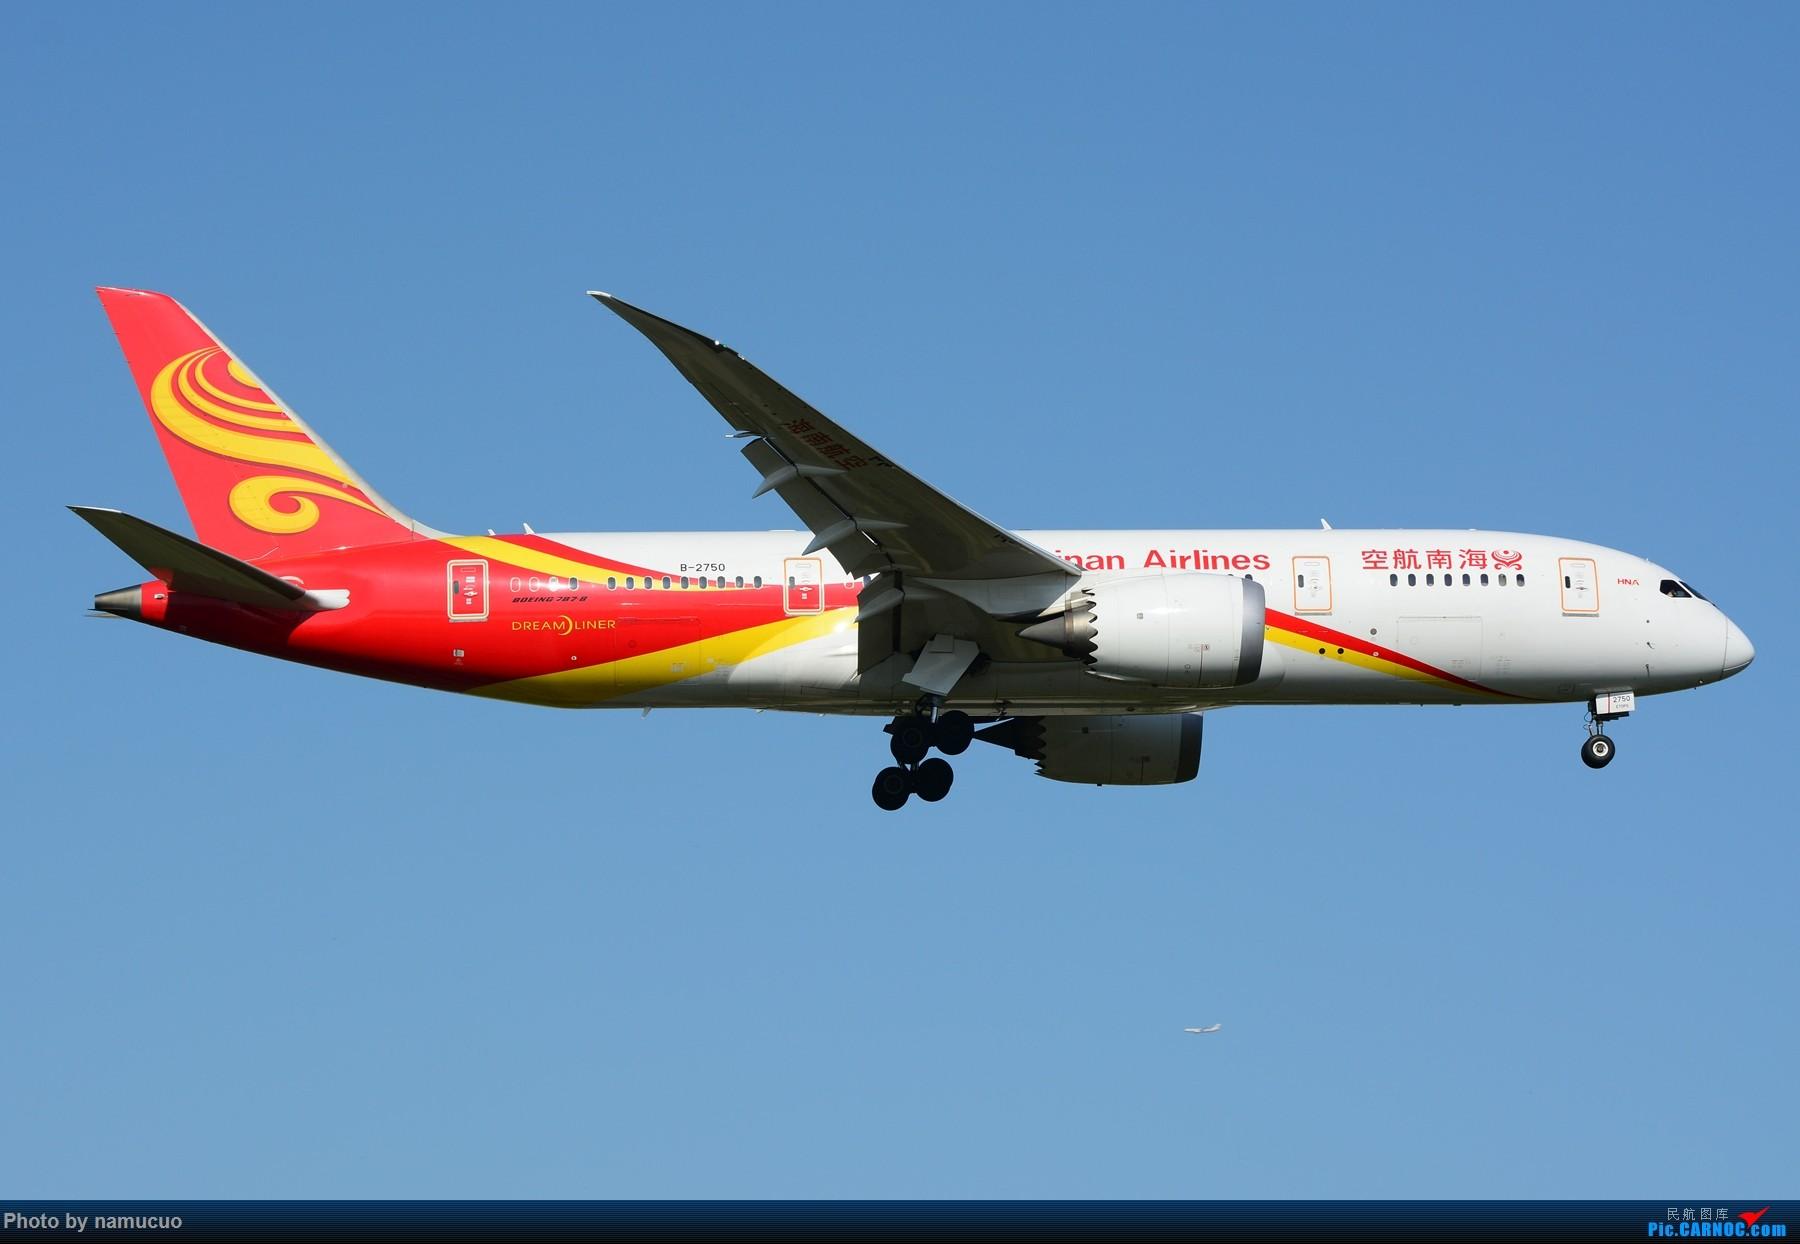 Re:[原创]【PEK】【多图】蓝天下的大飞机们,5.15跑遍首都三条跑道 BOEING 787-8 B-2750